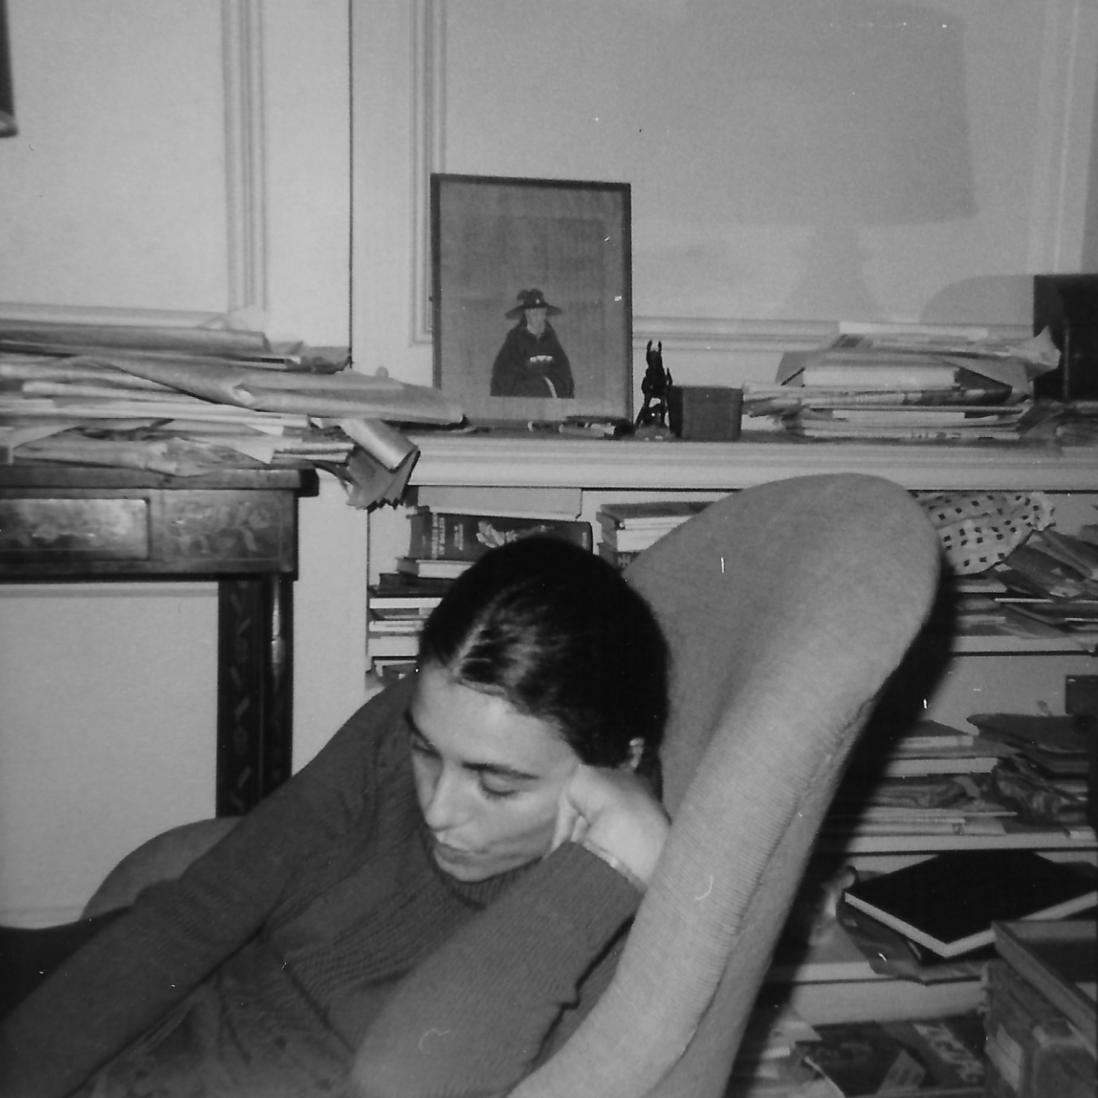 Anne-Marie Albiach, London